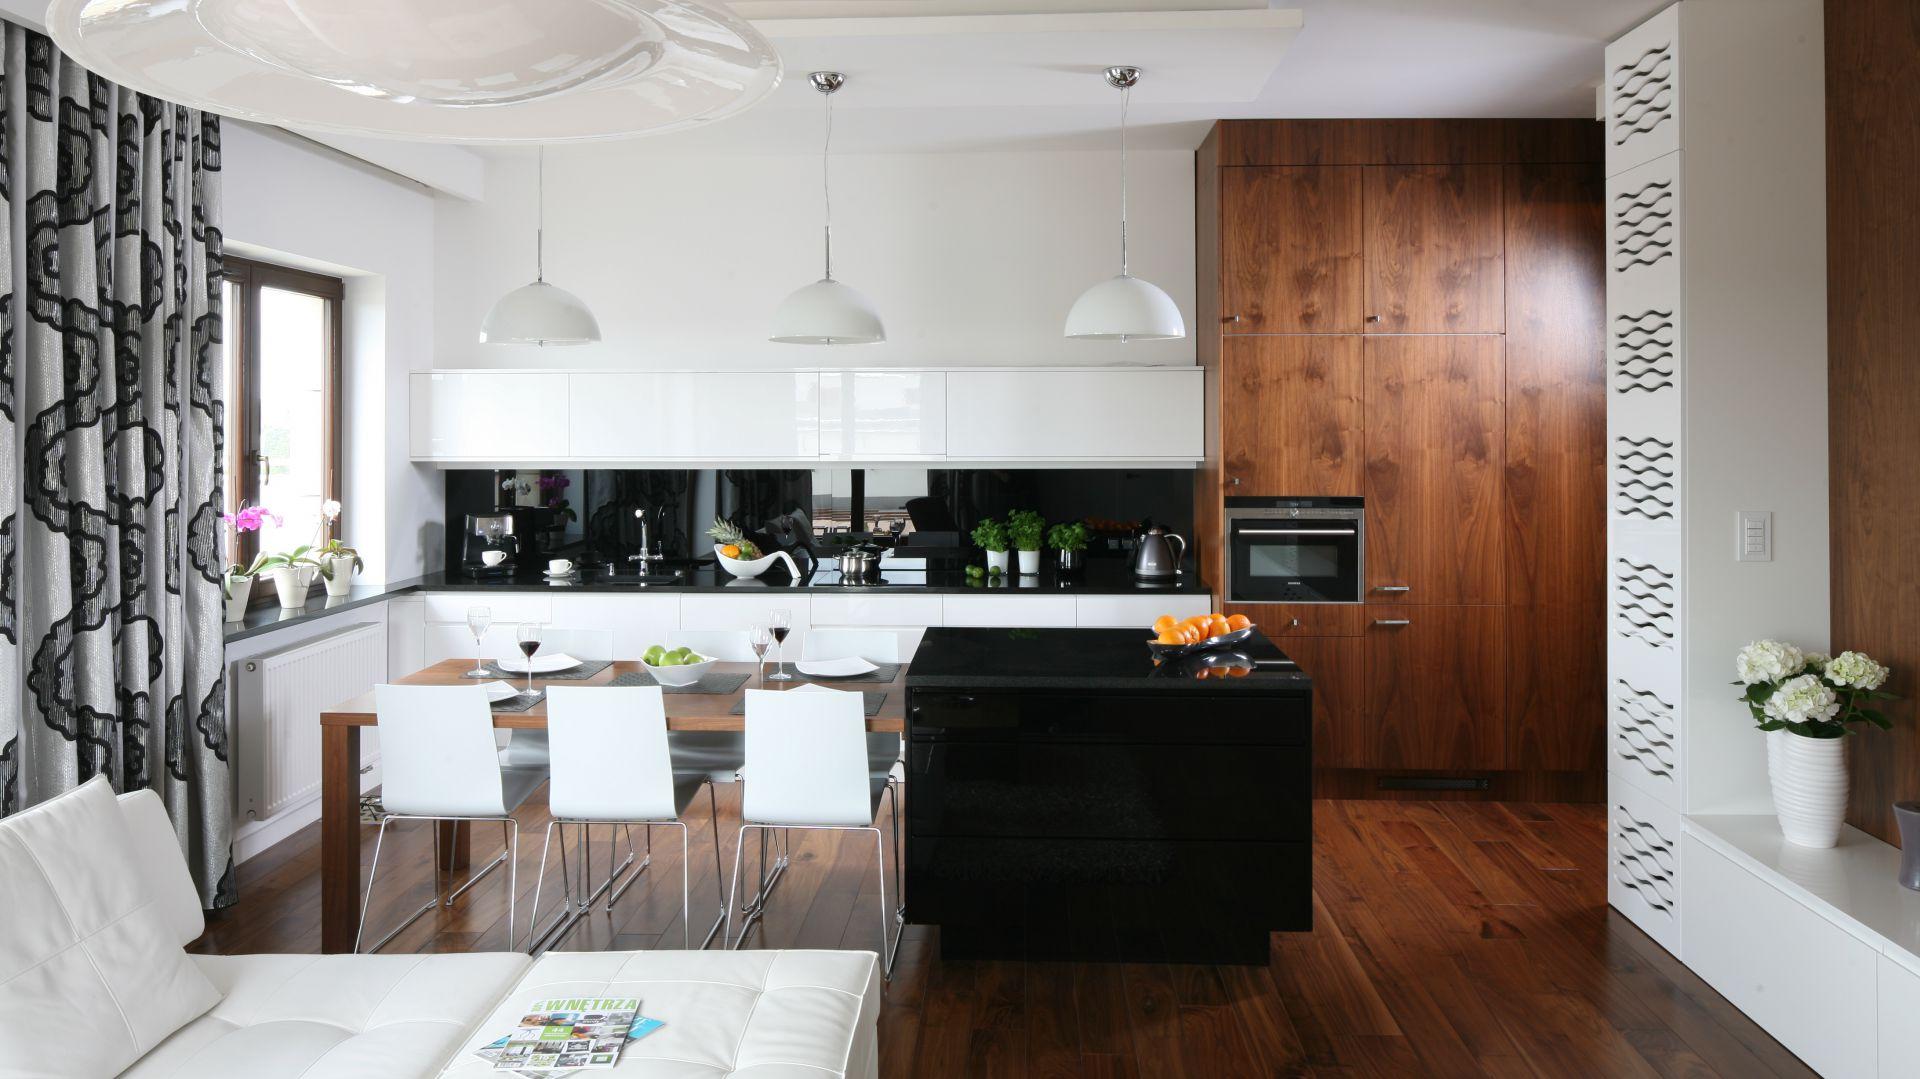 Elegancka, biała kuchnia w nowoczesnym stylu. Drewniana zabudowa pod sam sufit nawiązuje do stylu w salonie. Projekt: Agnieszka Ludwinowska. Fot. Bartosz Jarosz